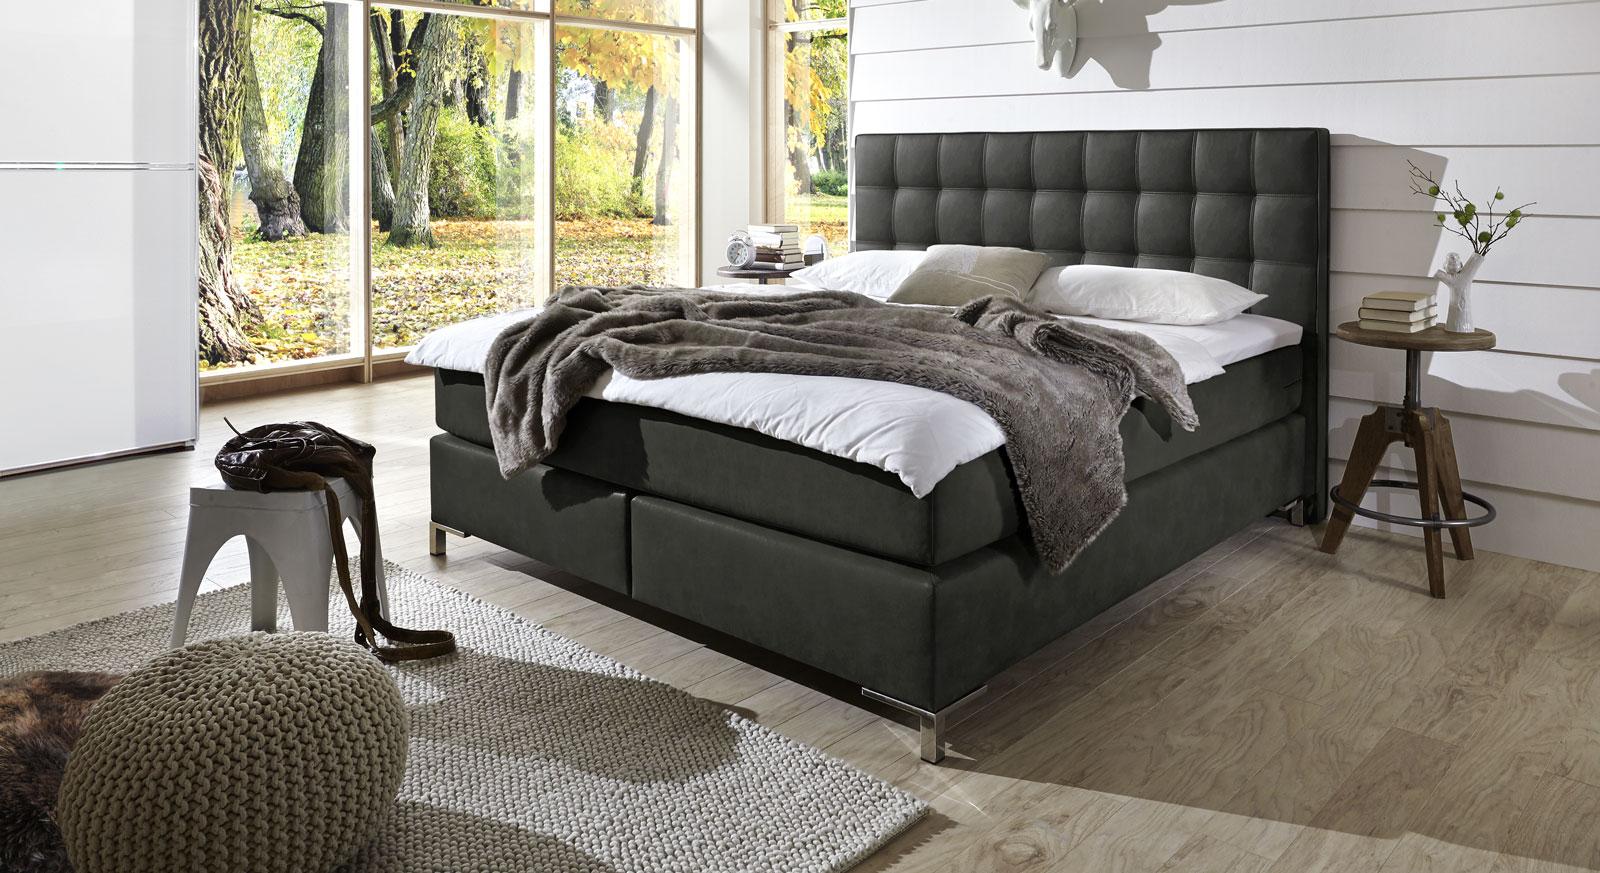 schlafzimmer farben braun luxus komfort | design ideen. emejing ... - Klassische Schlafzimmer Farben